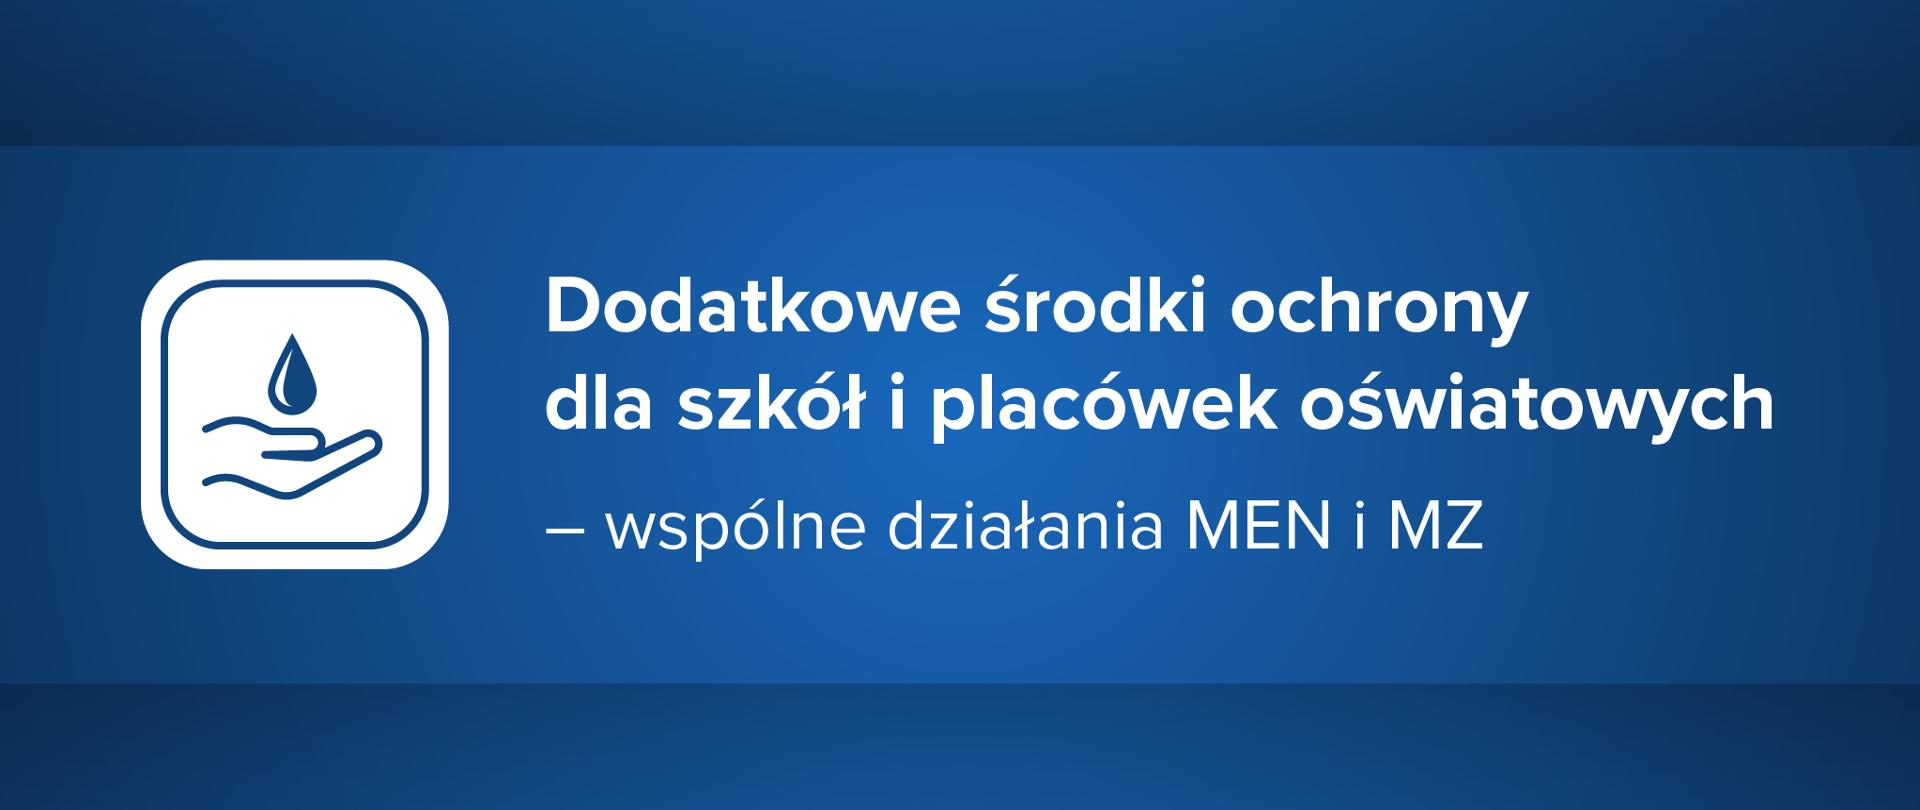 """Niebieskie tło z tekstem: """"Dodatkowe środki ochrony dla szkół i placówek oświatowych – wspólne działania MEN i MZ""""."""